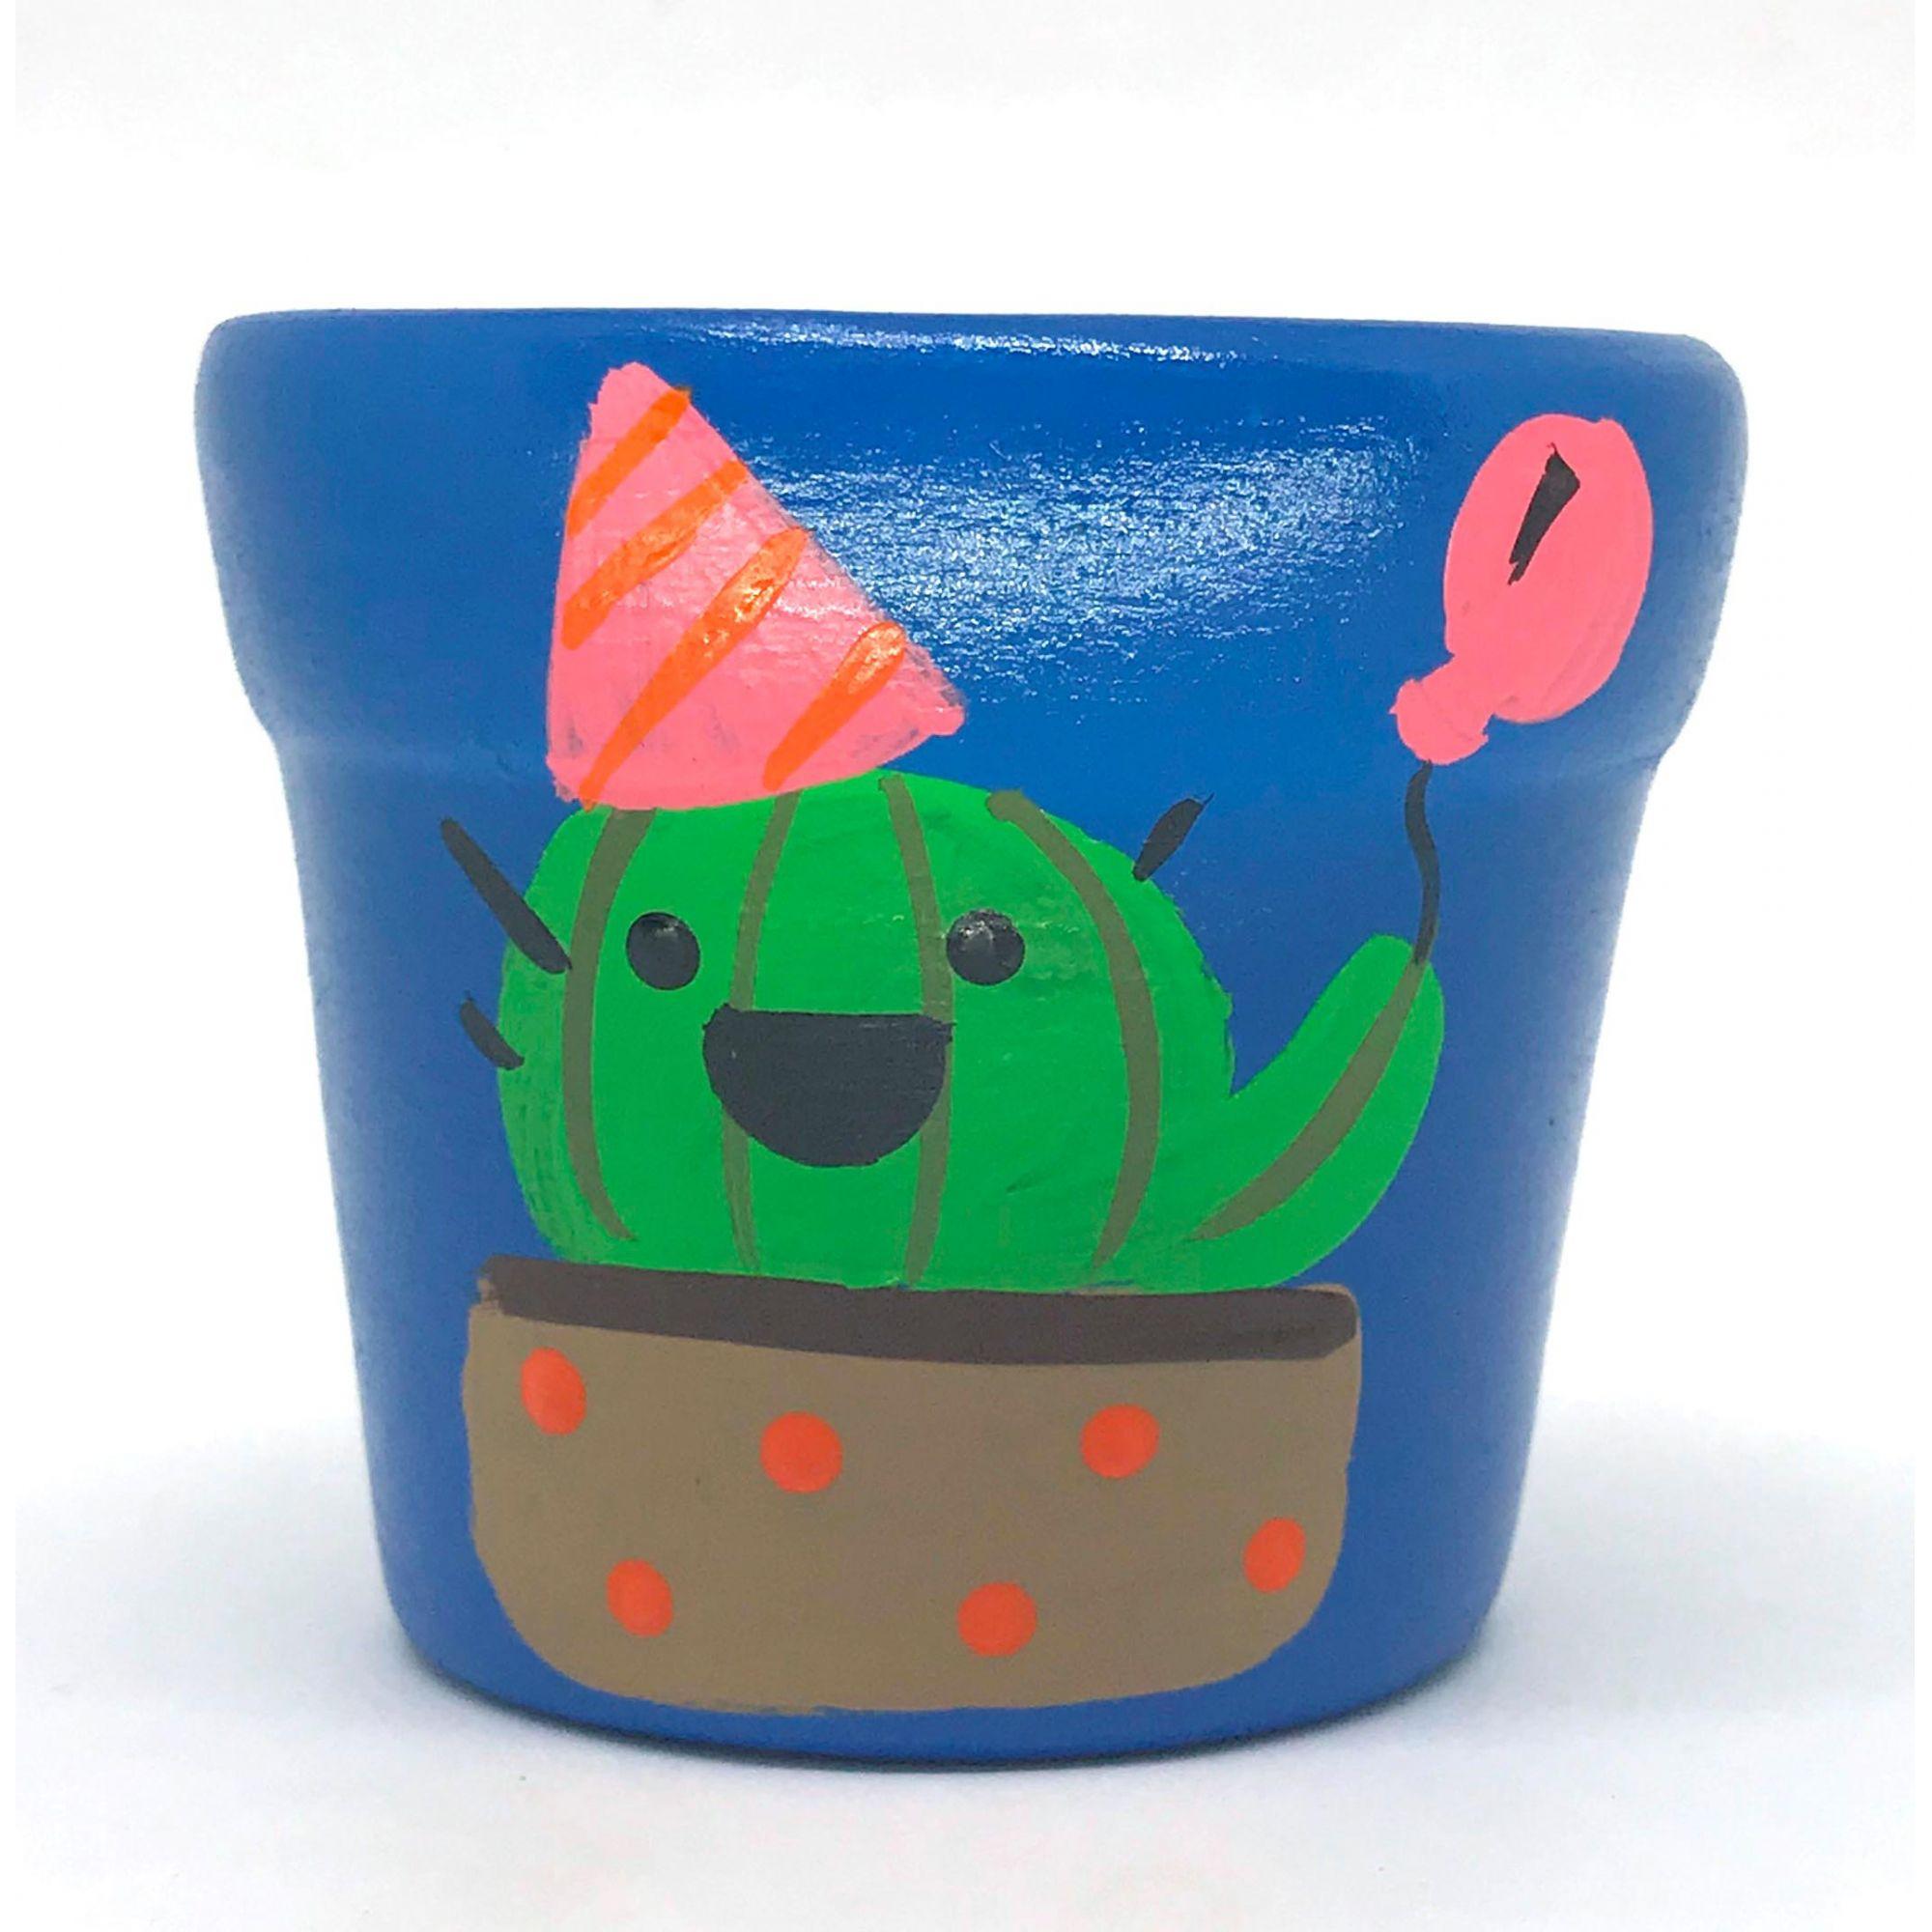 Cachepô de Cerâmica Azul Cacto Festivo 7,5cm x 8cm